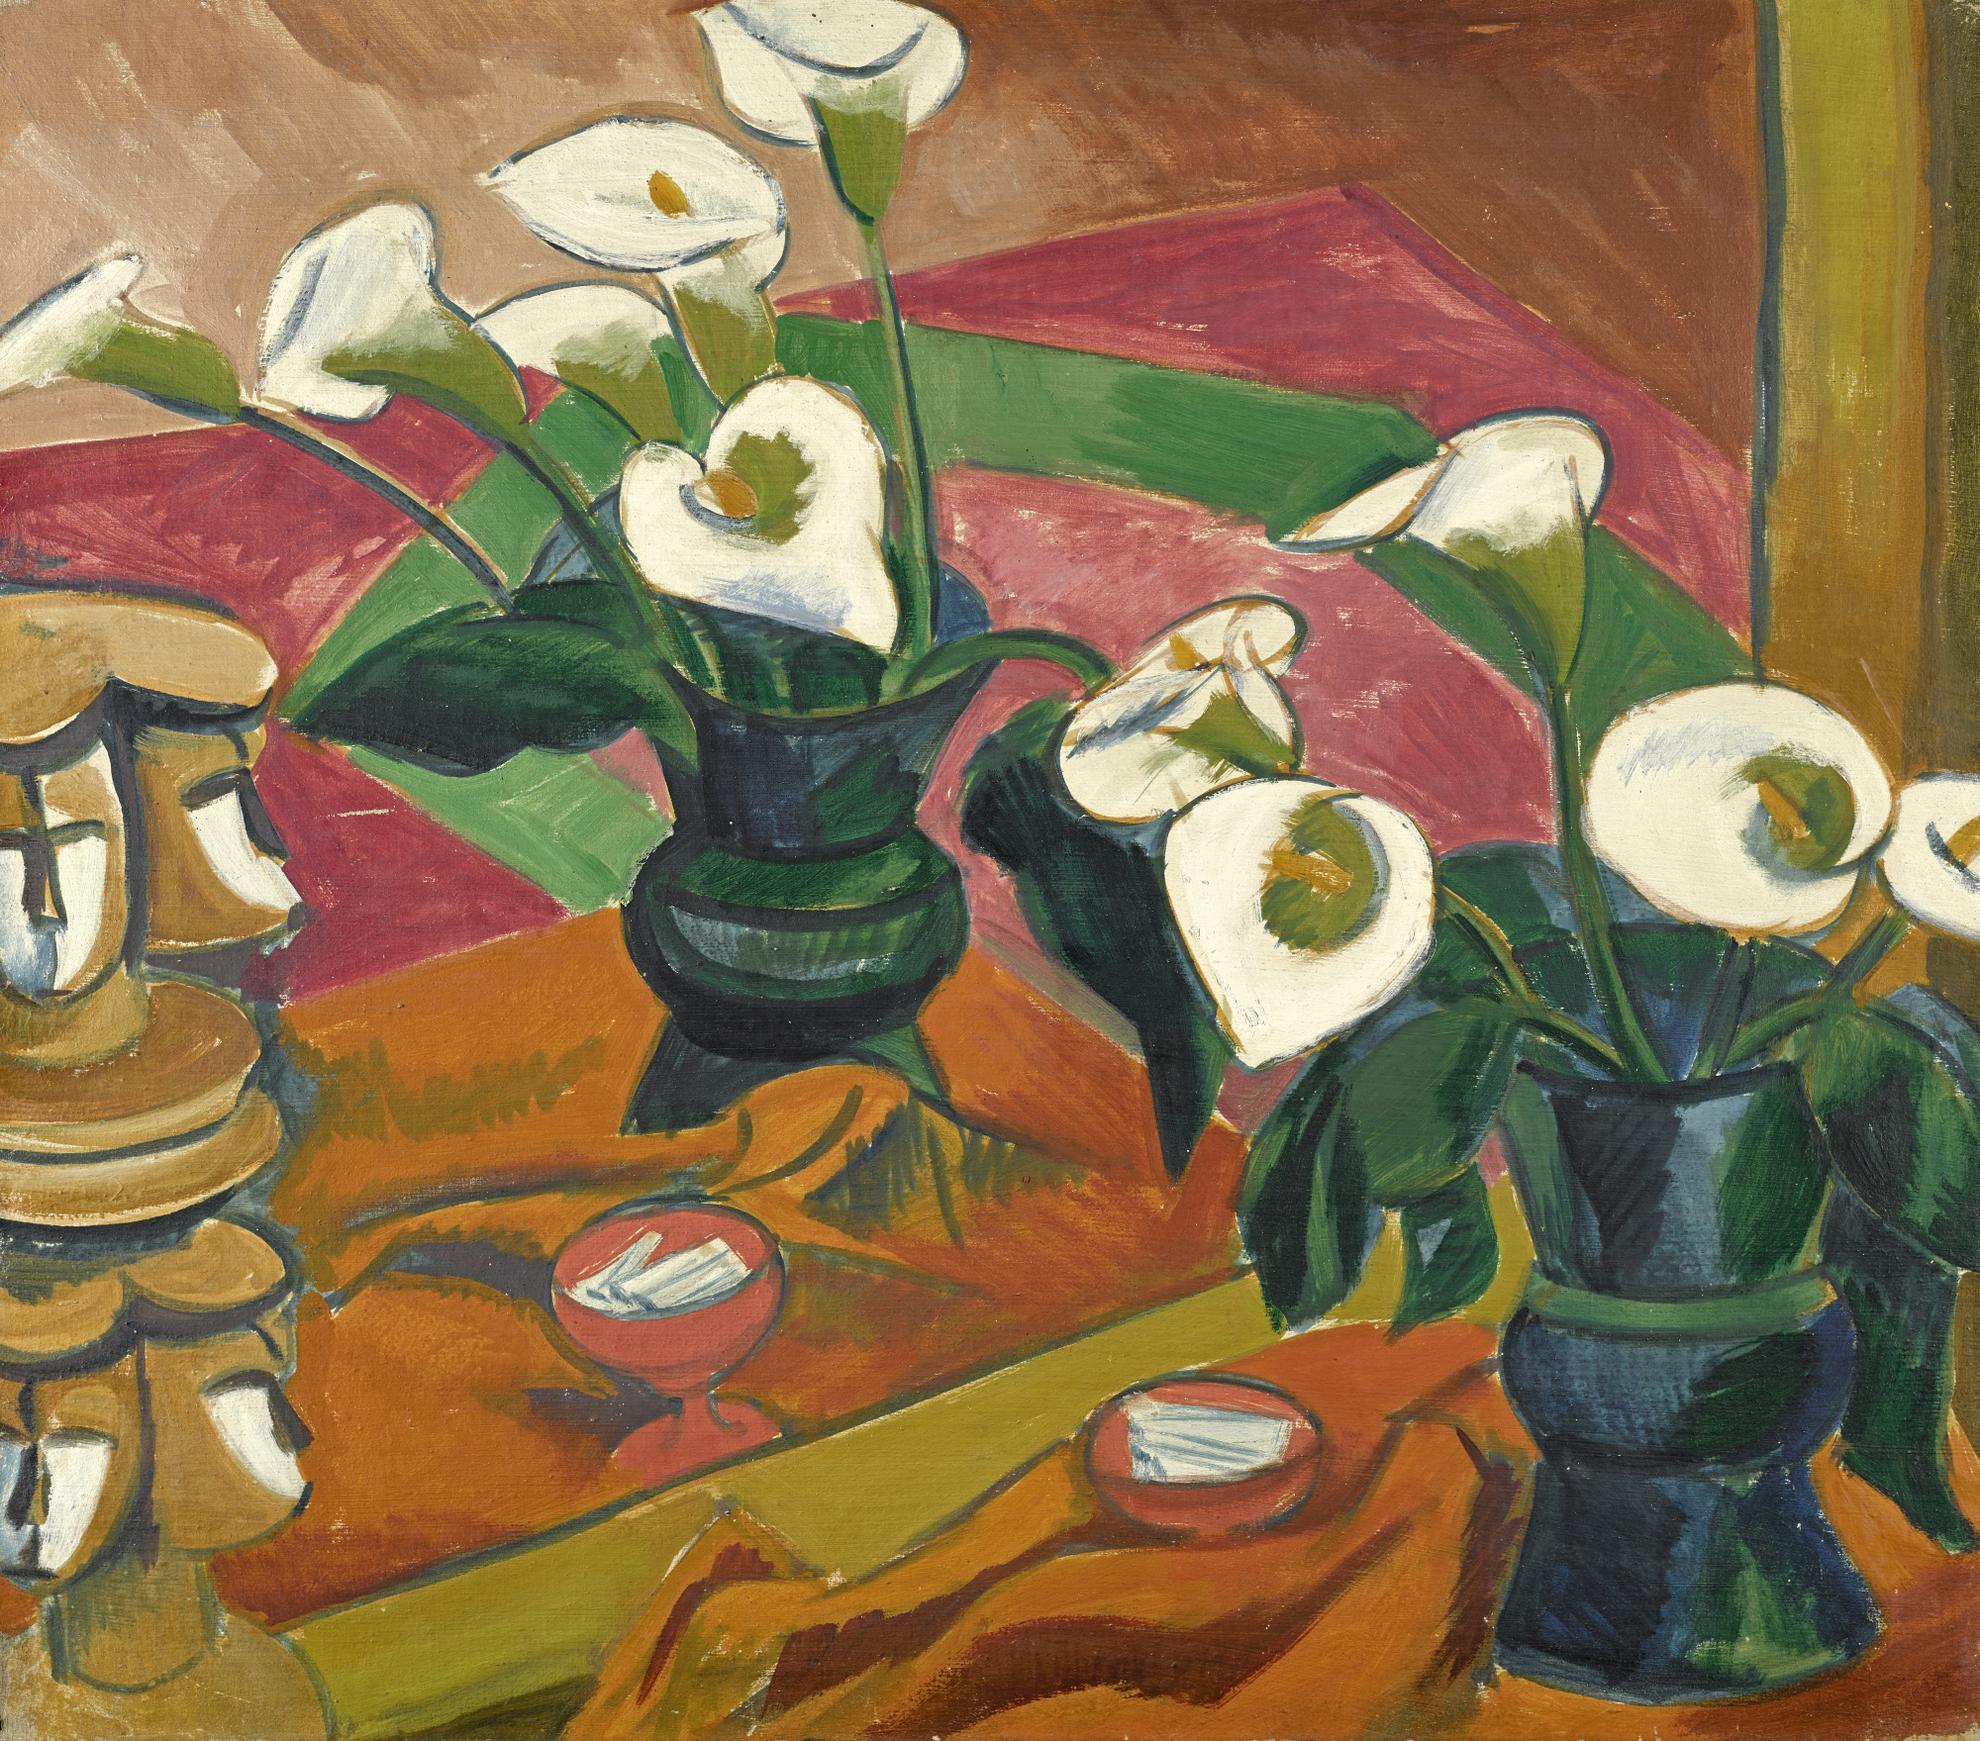 Max Pechstein-Calla Stillleben Im Spiegel (Still Life With Calla Lilies In The Mirror)-1917